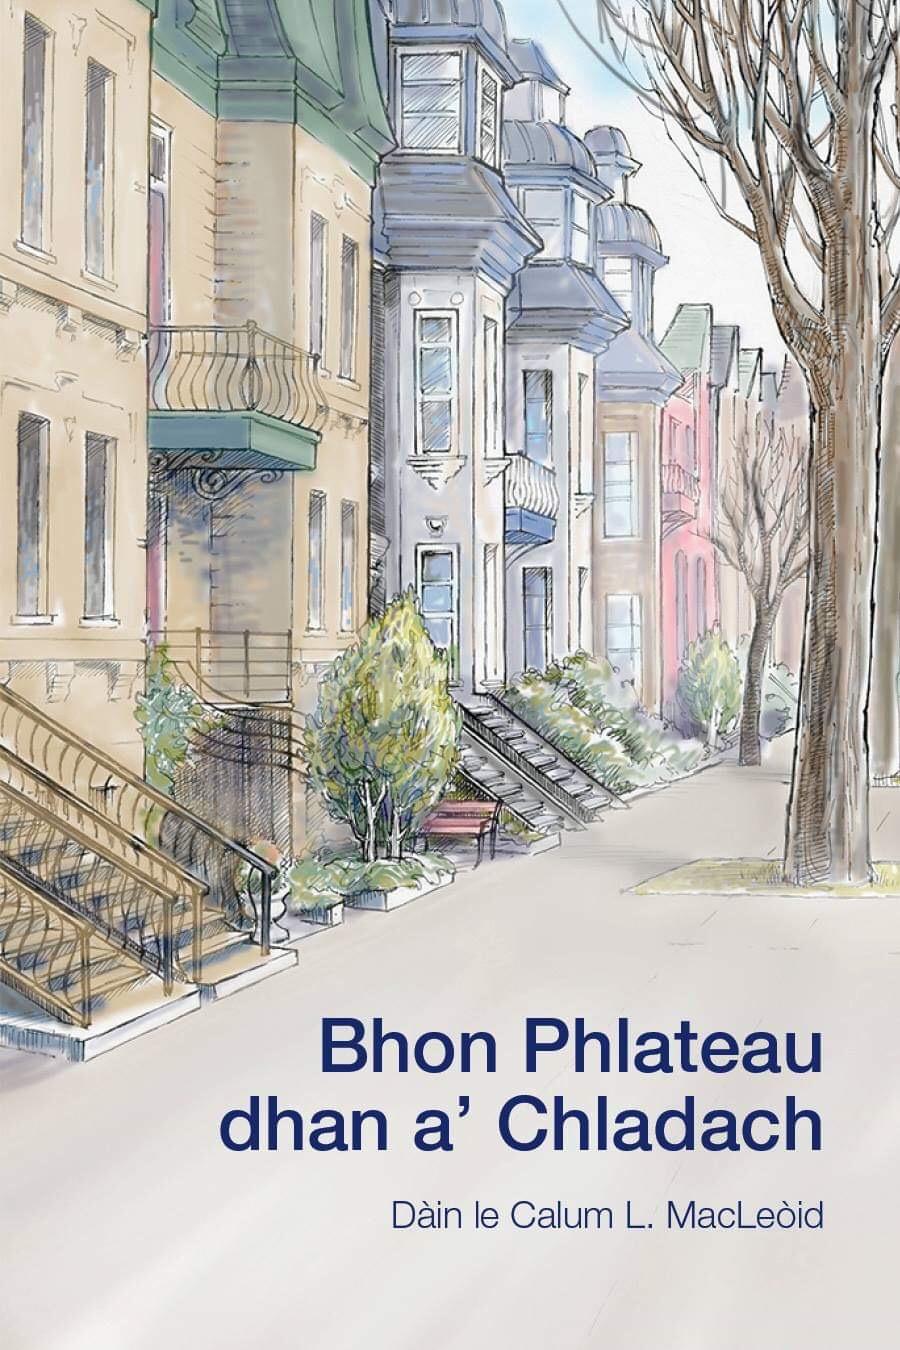 Bhon Phlateau dhan a' Chladach cover